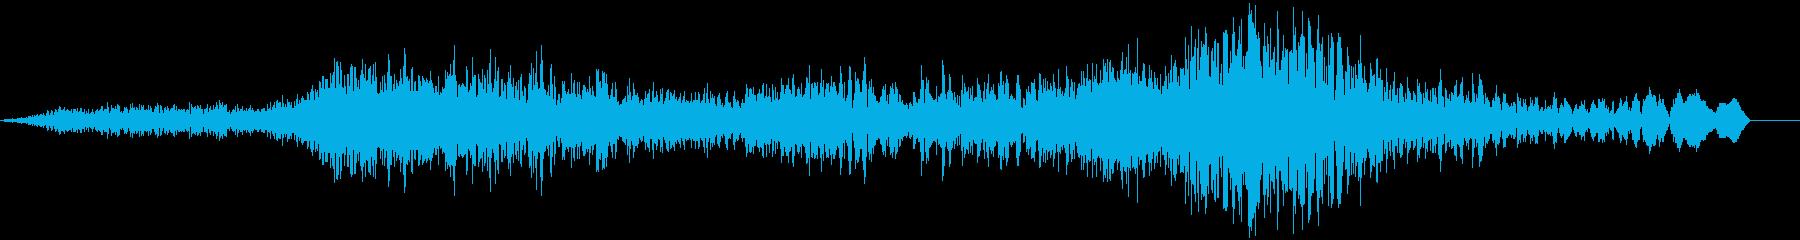 勝利した場面などで使用できるジングルの再生済みの波形